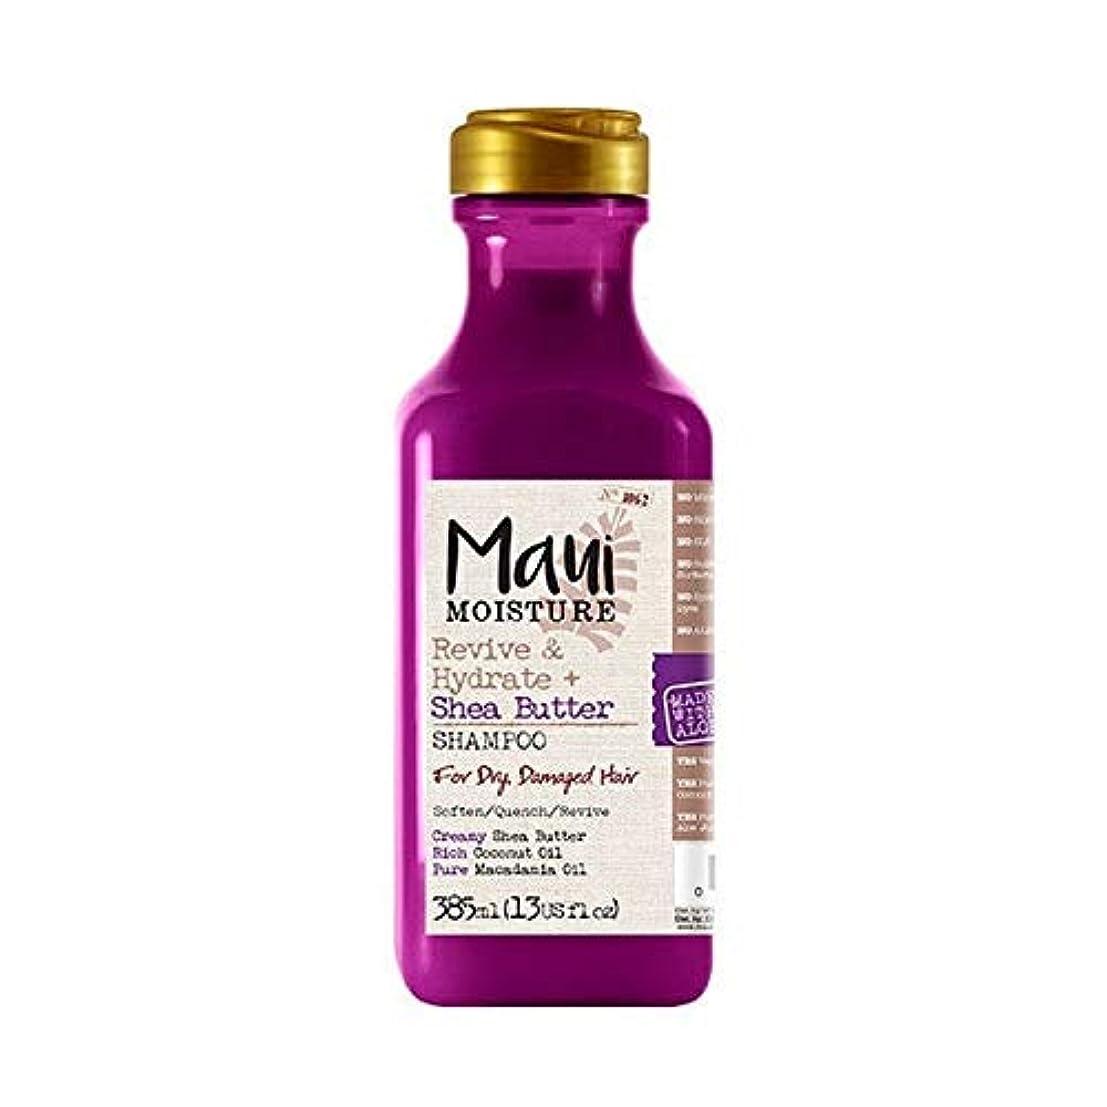 区別あたりペネロペ[Maui Moisture ] マウイ水分がシアバターシャンプーを復活&ハイドレート - Maui Moisture Revive & Hydrate Shea Butter Shampoo [並行輸入品]